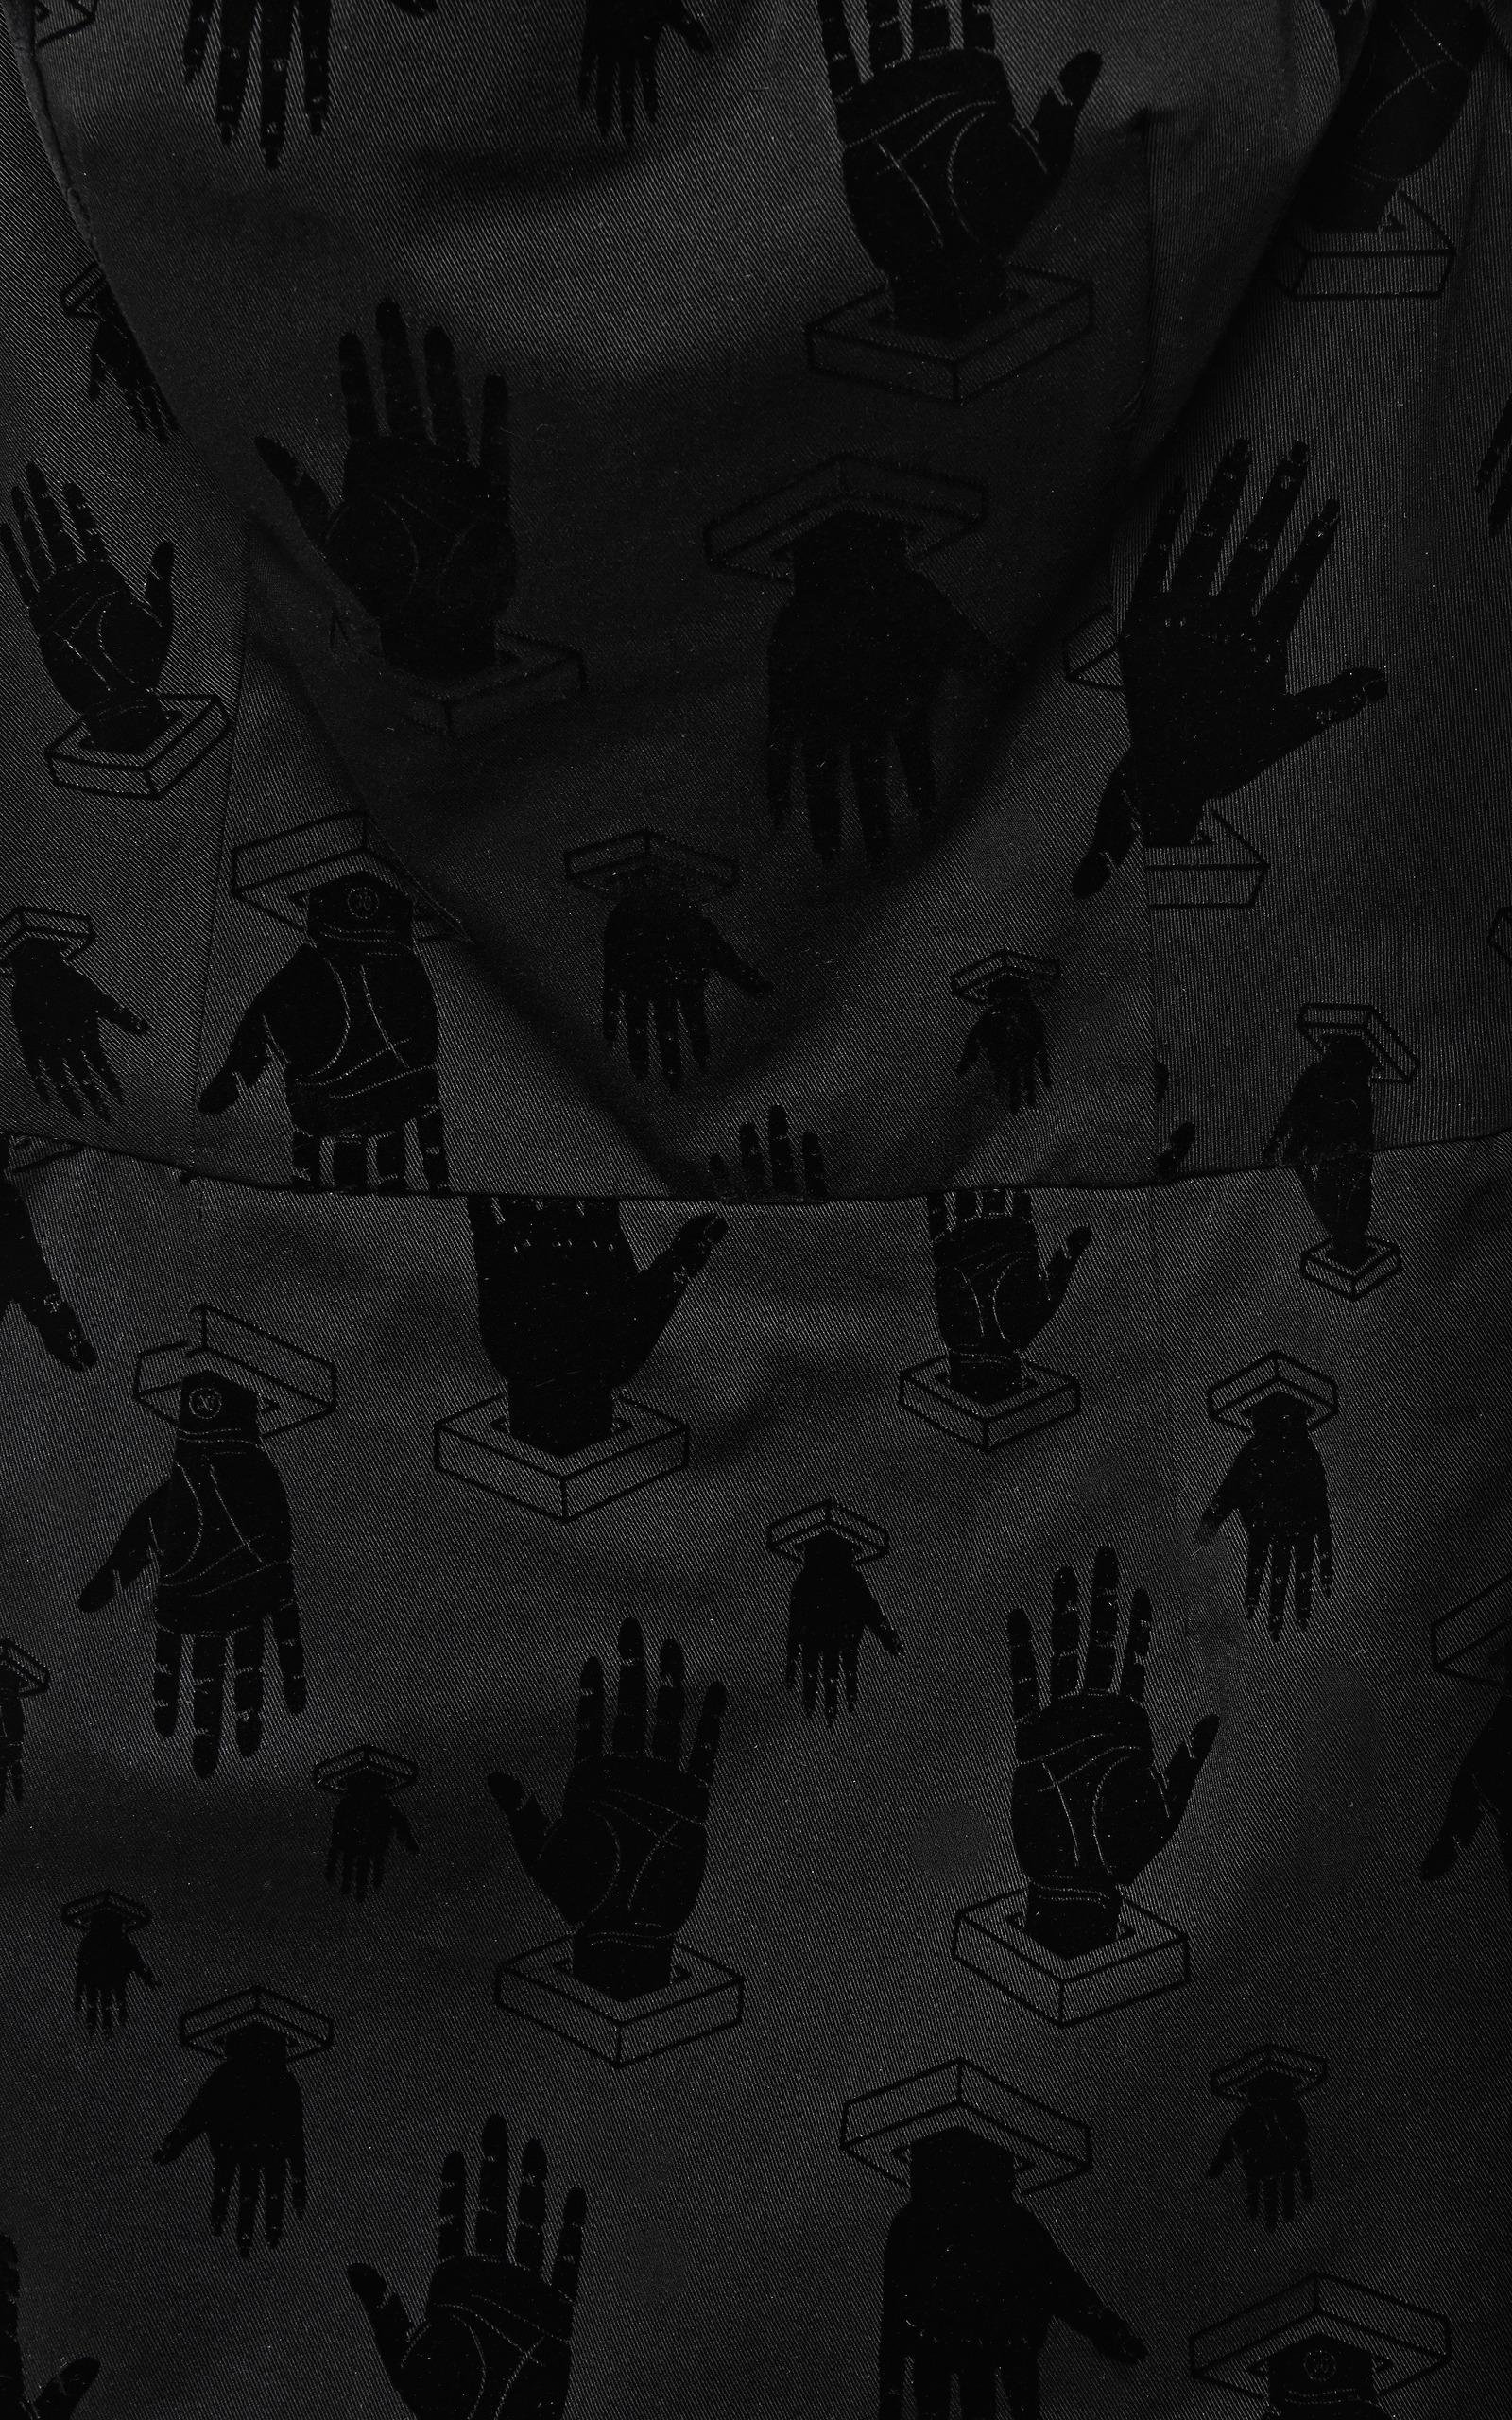 White apron black hands - Full Screen